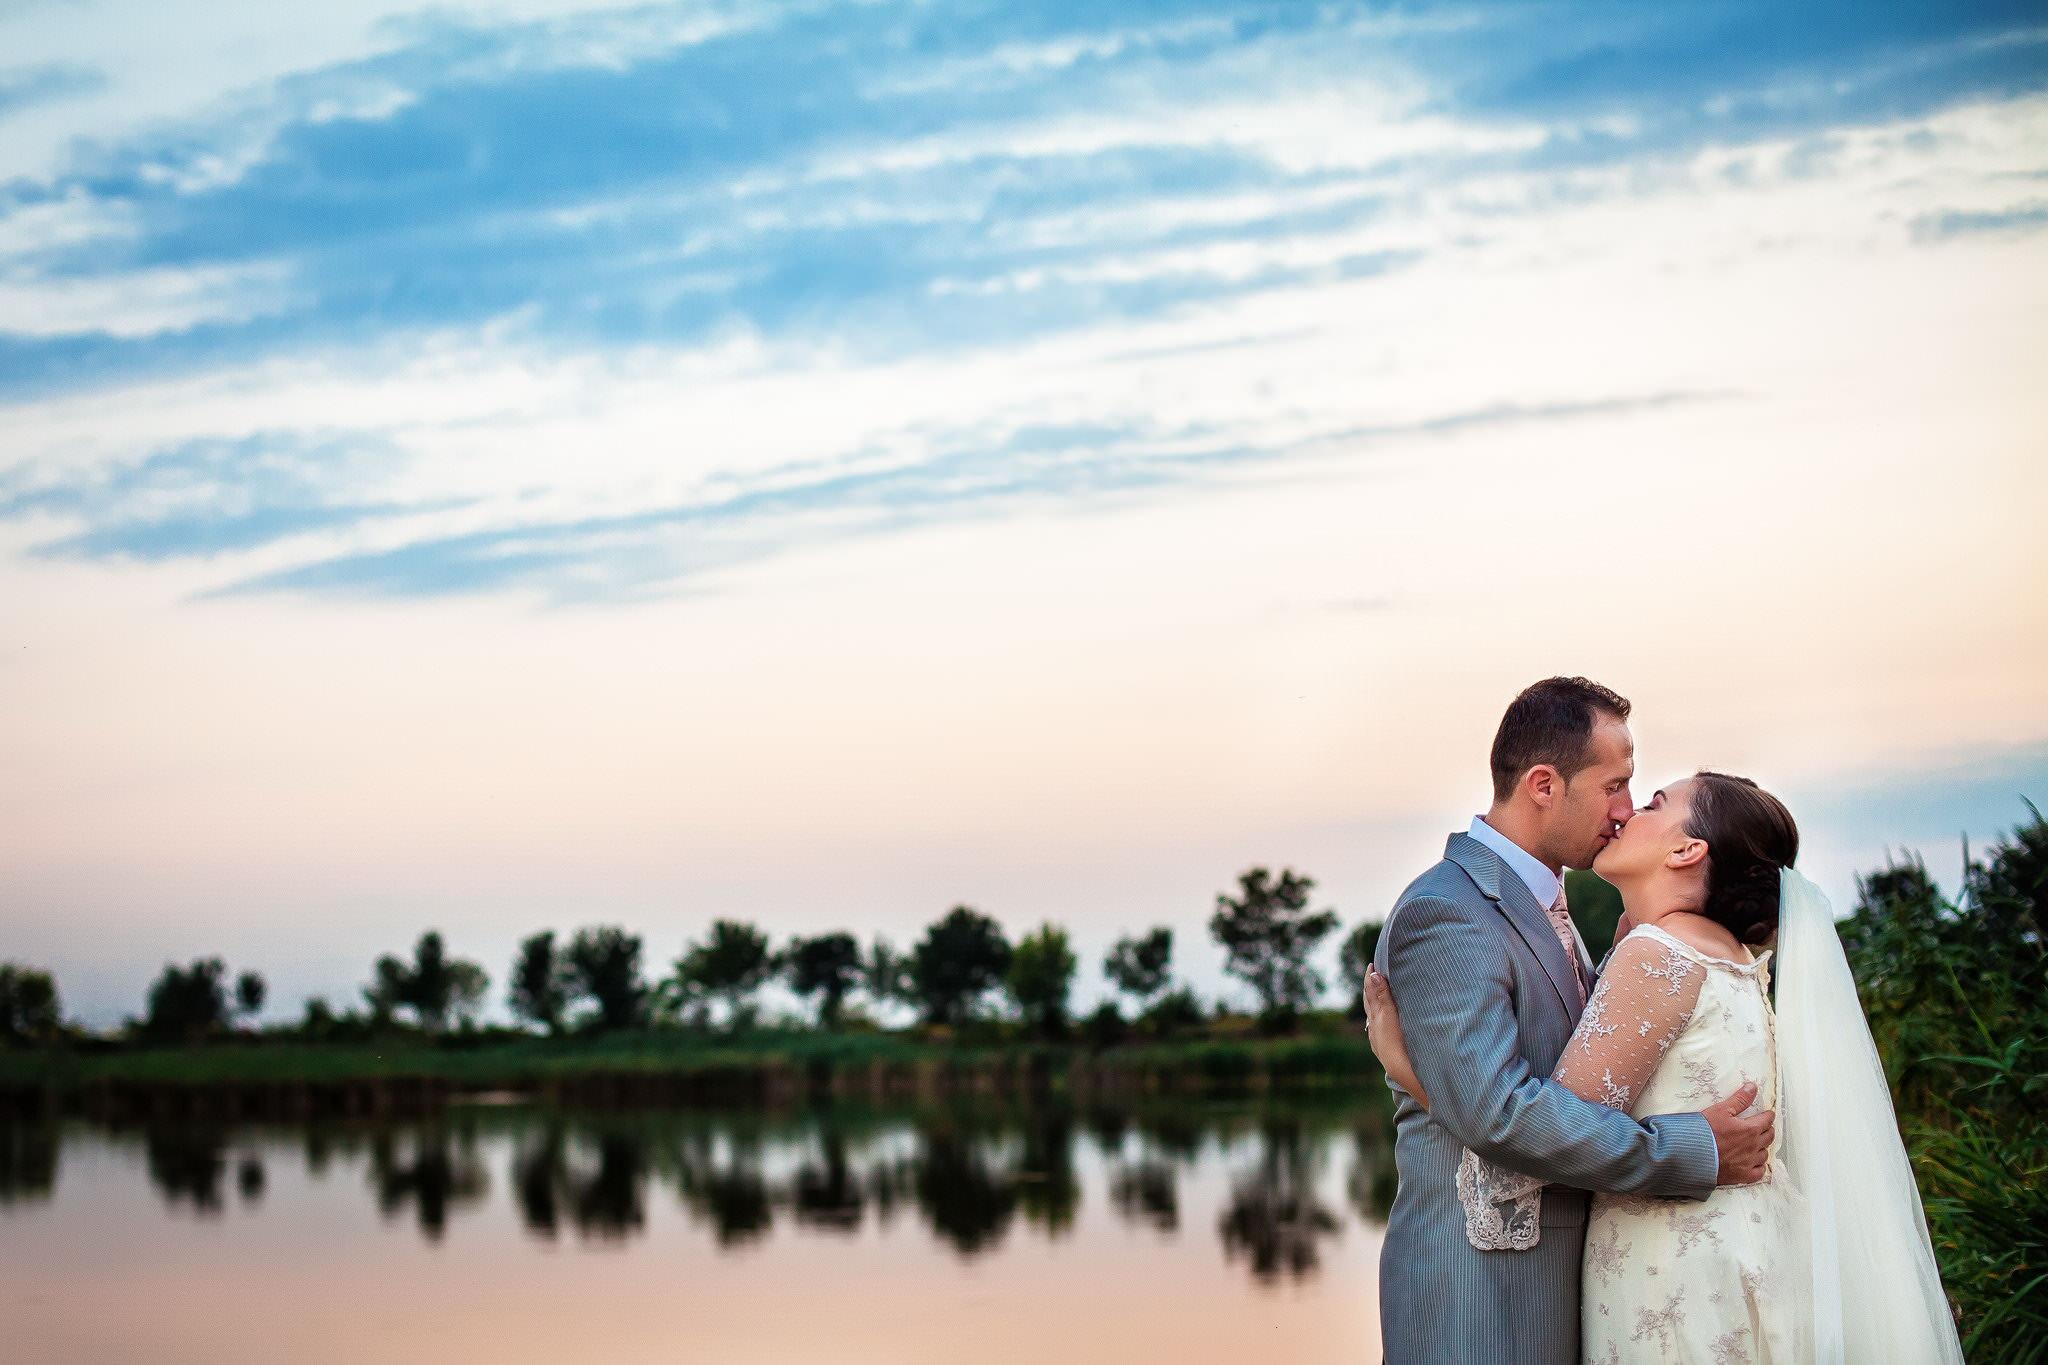 Elena+Madalin, fotografie de nunta, fotografii dupa nunta, fotograf de nunta Ploiesti, sedinta foto, wedding, after wedding, fotograf profesionist, sedinta foto nunta la apus de soare